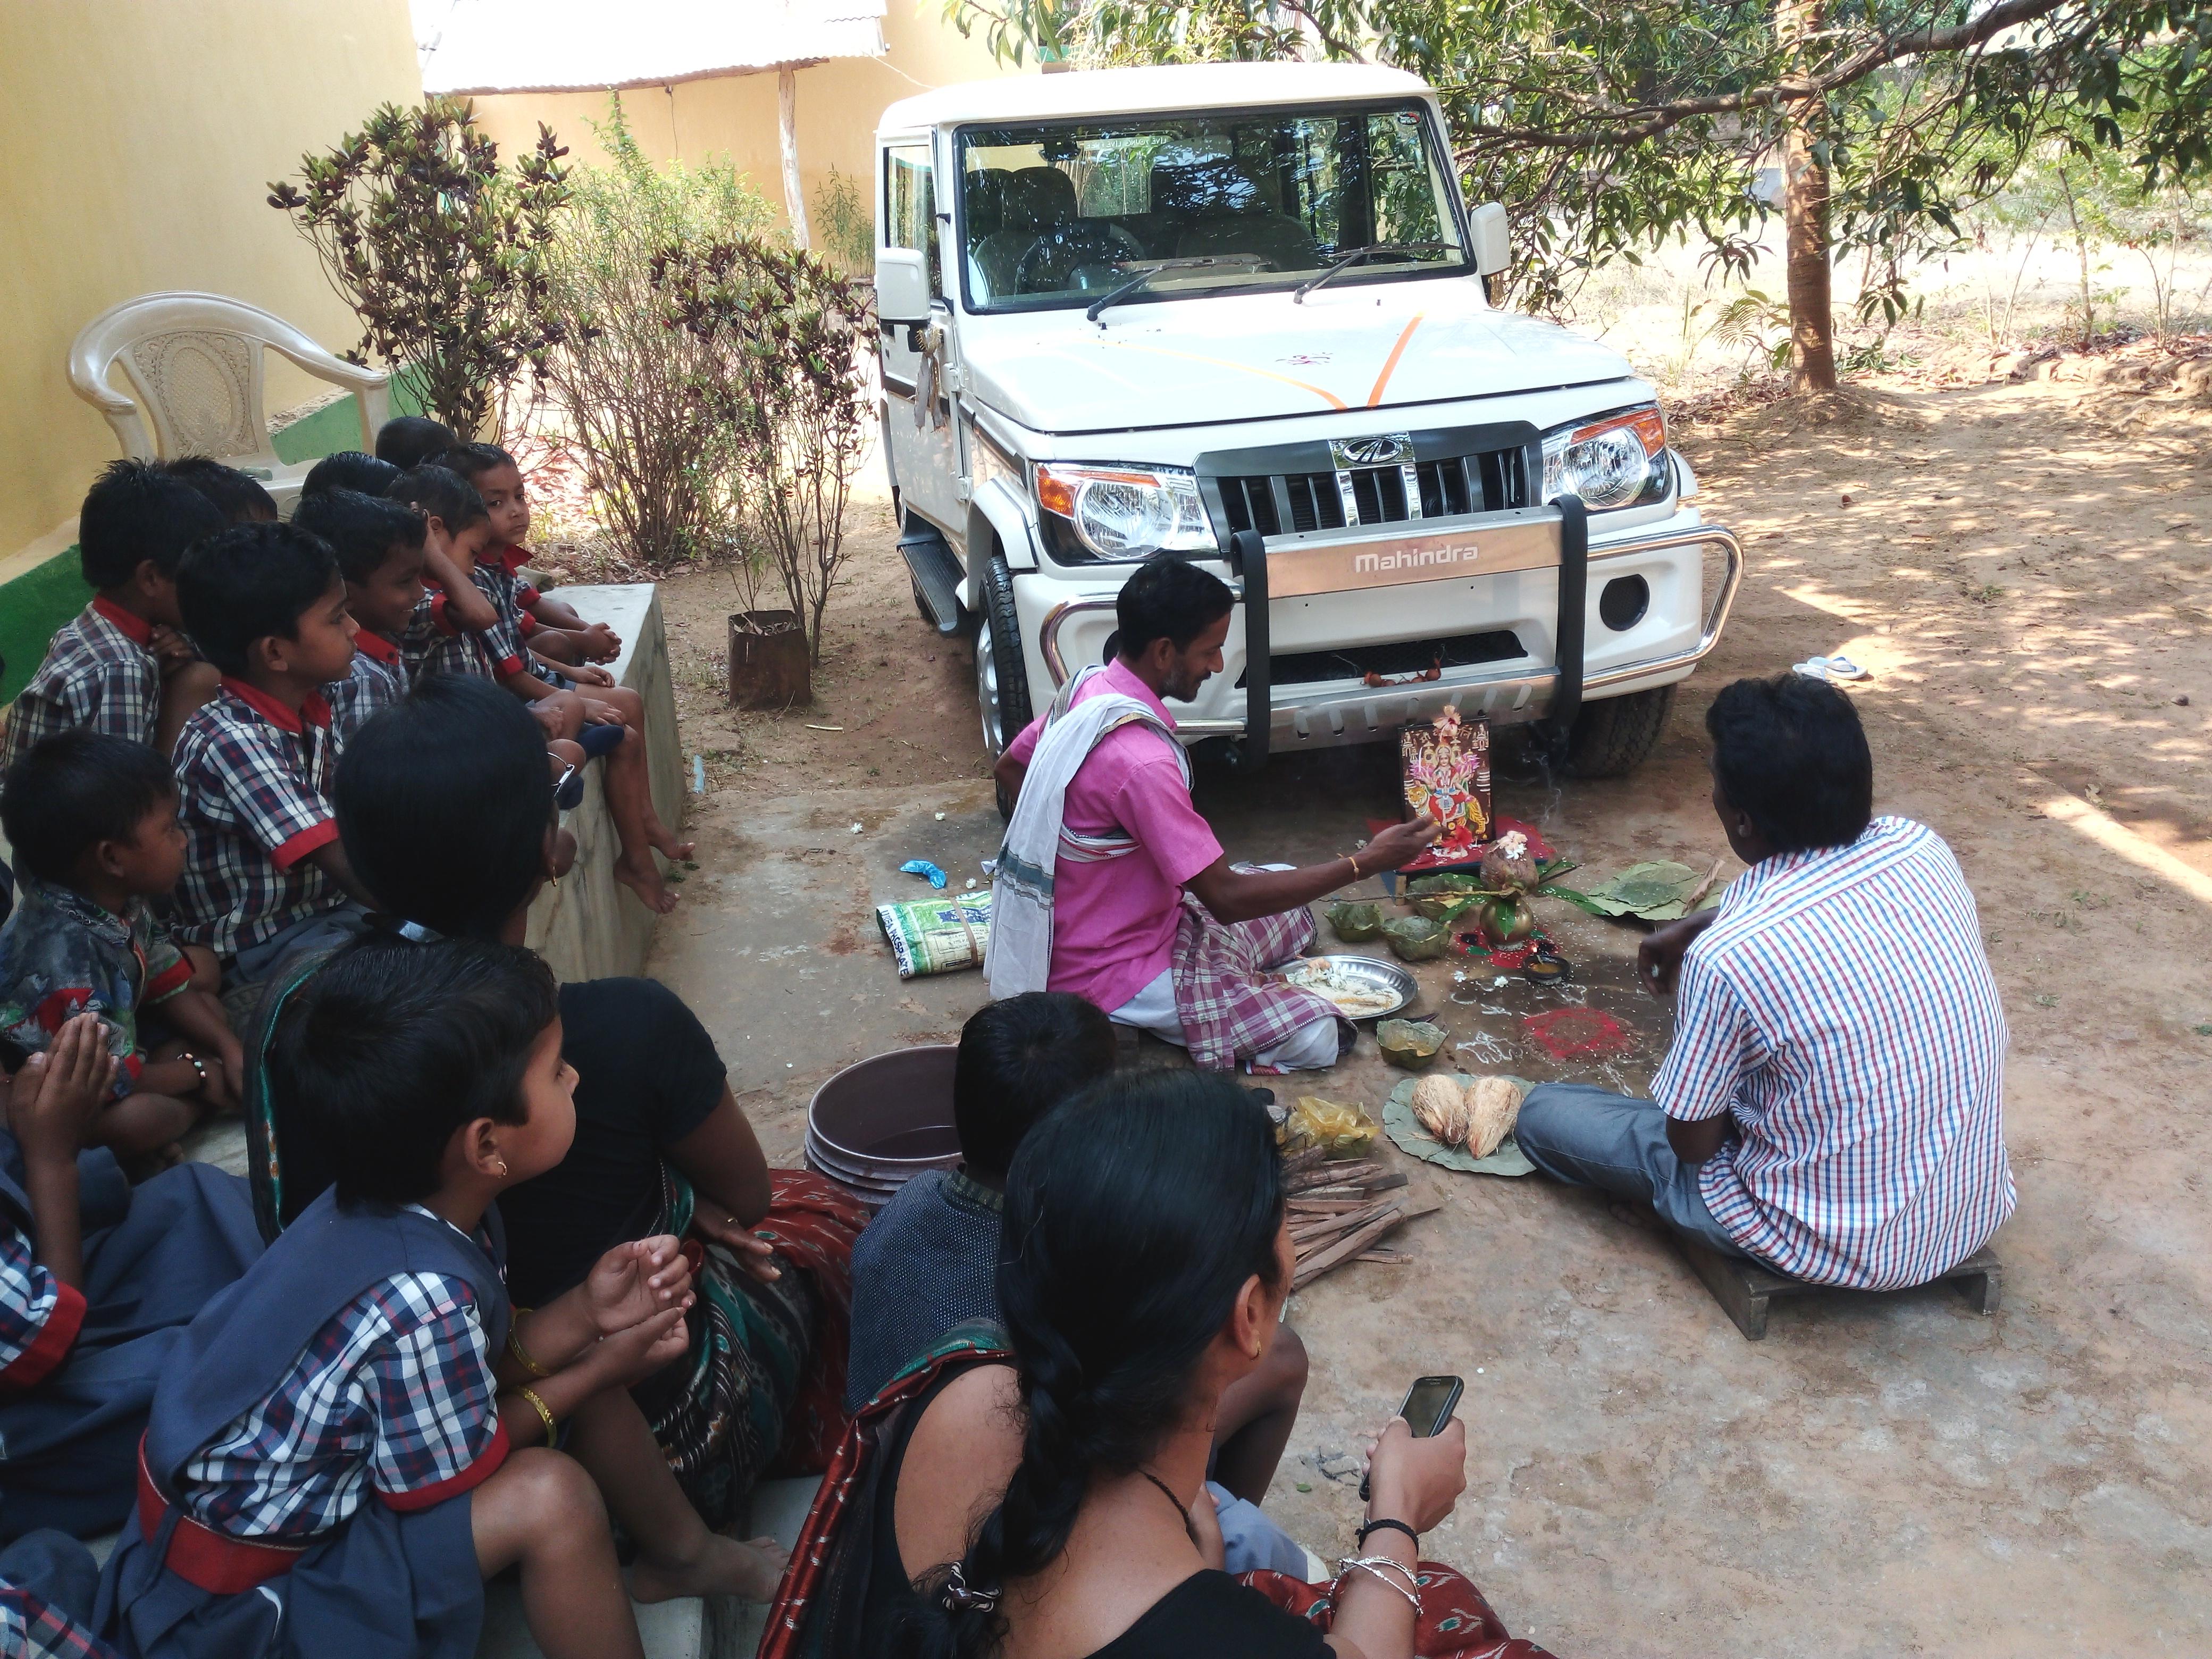 Nueva ambulancia en Panchabati